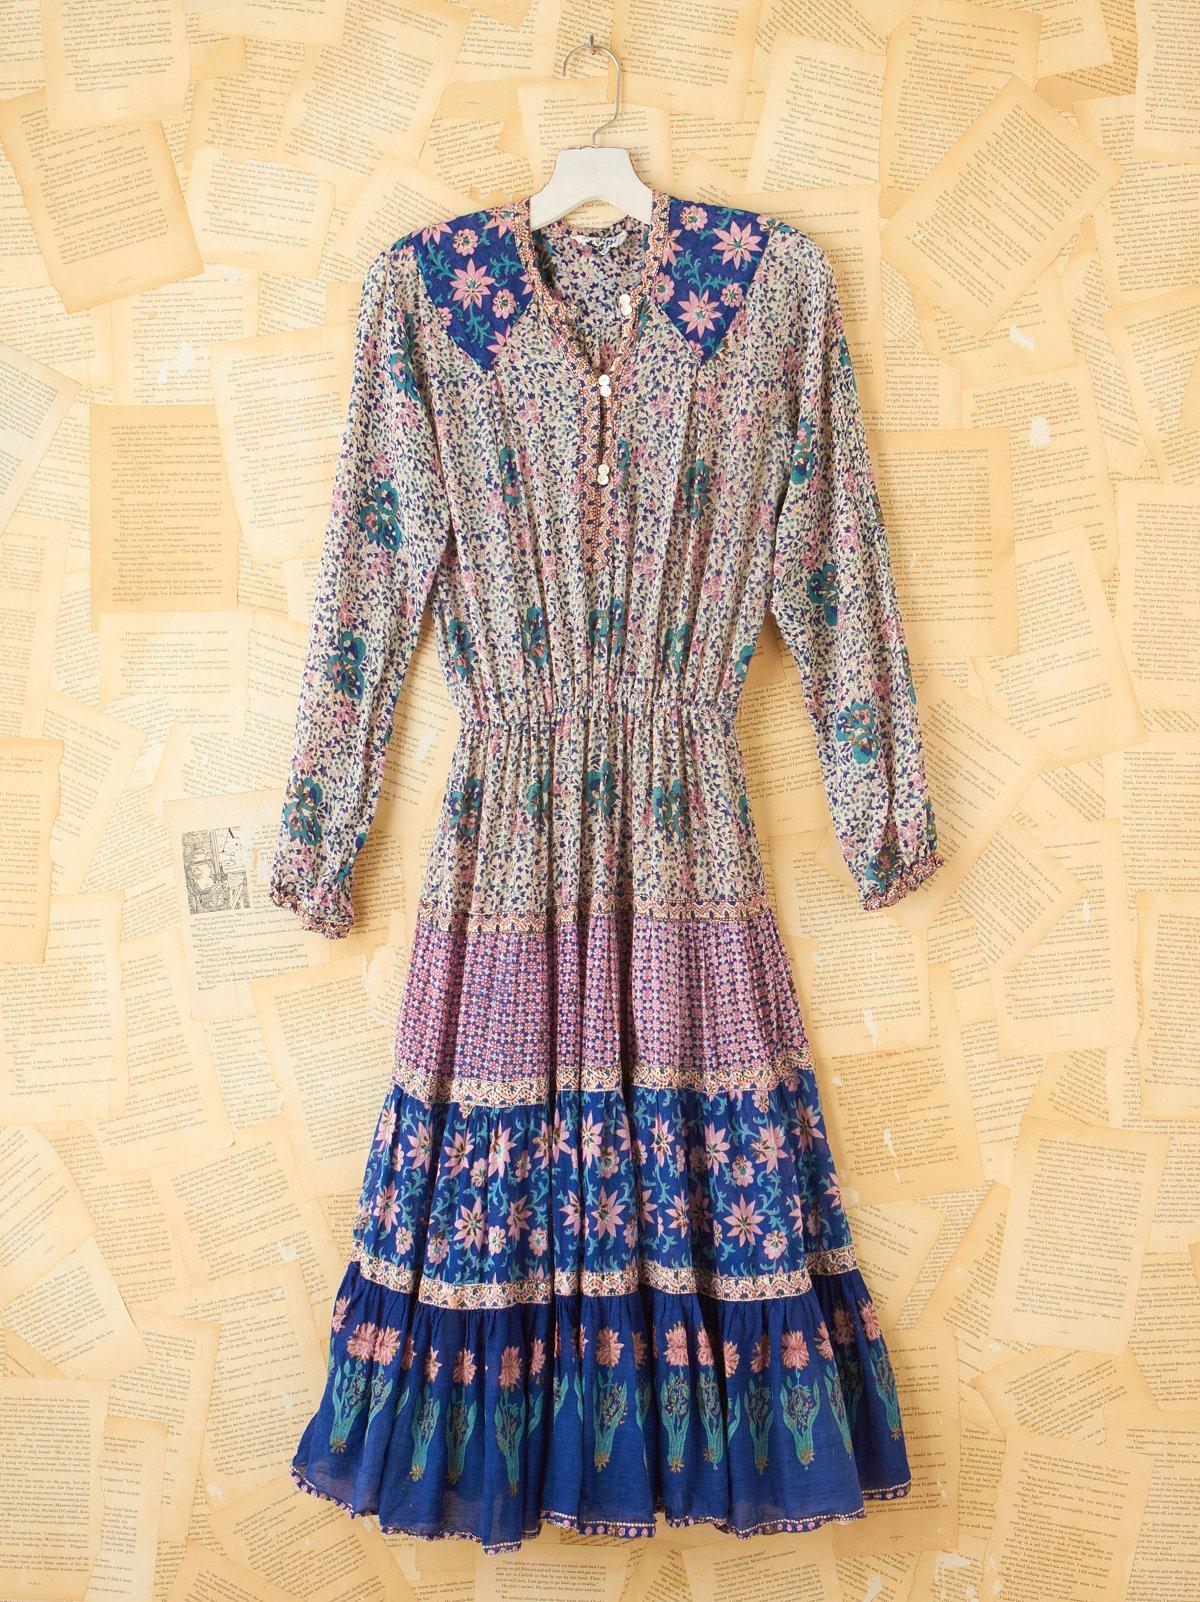 Vintage Floral Cinched Waist Dress